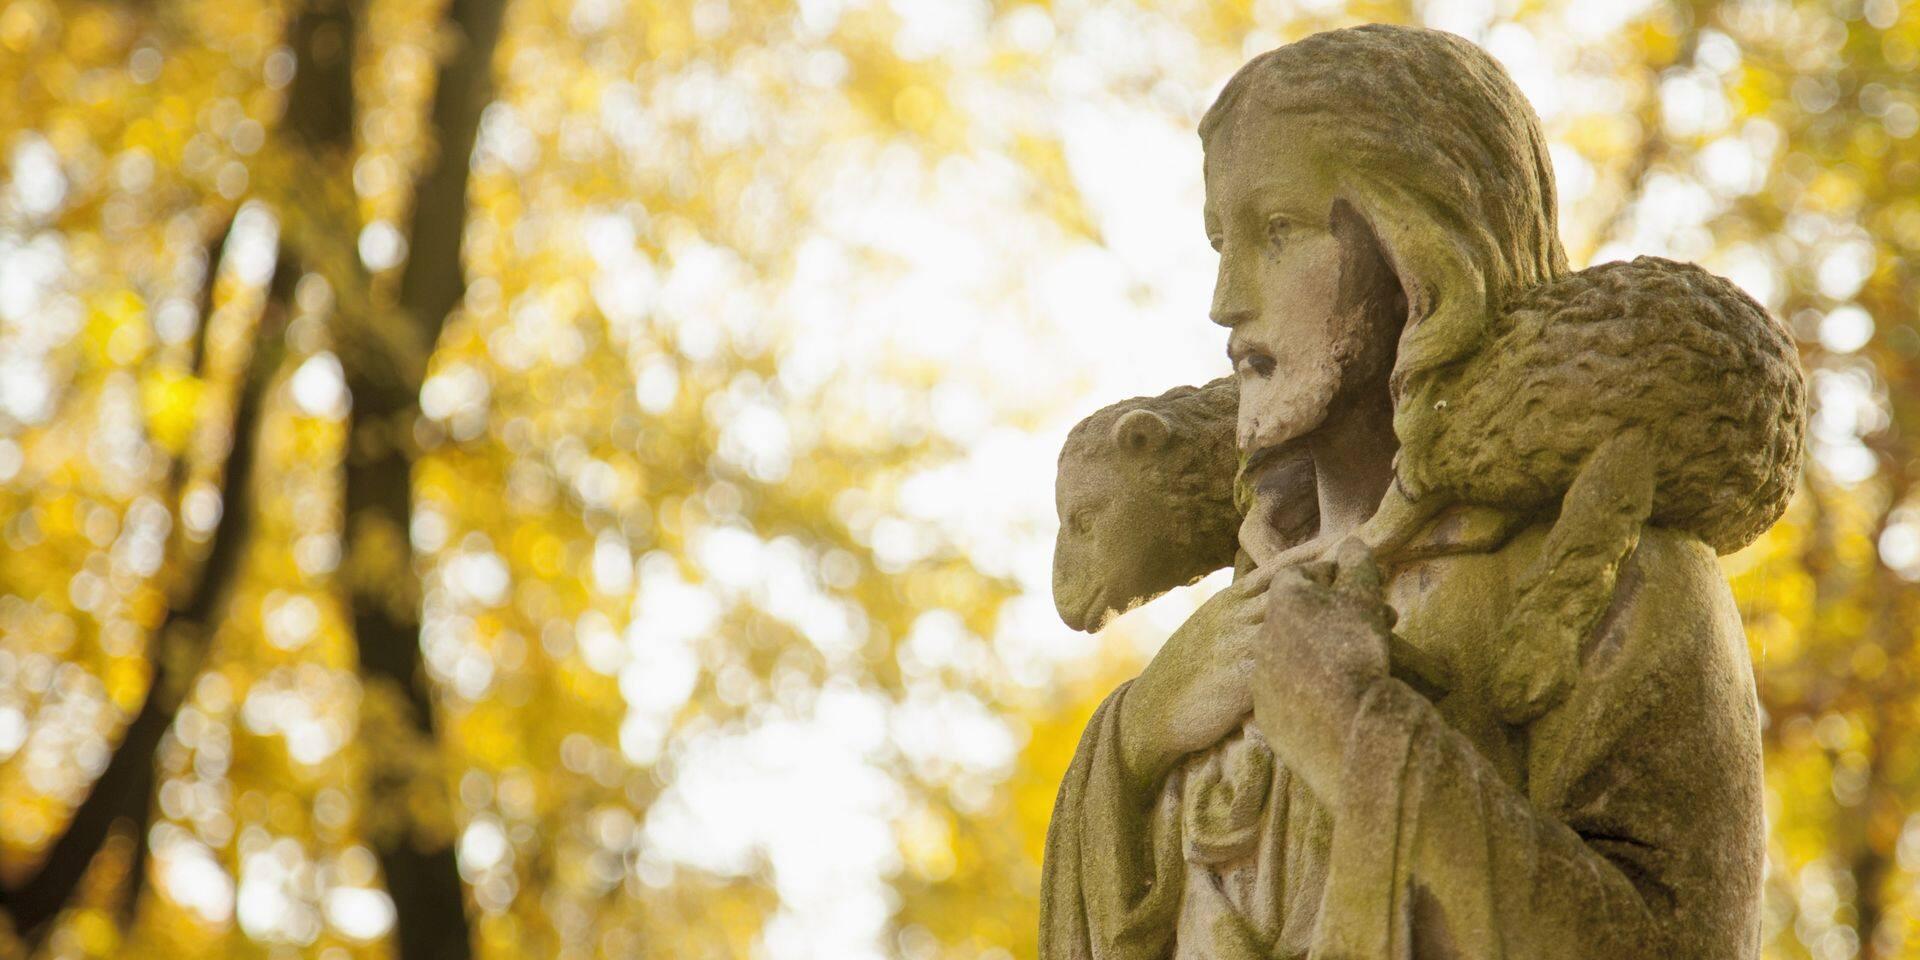 Pris de remords, un voleur ramène une statue de Jésus au prêtre de la paroisse